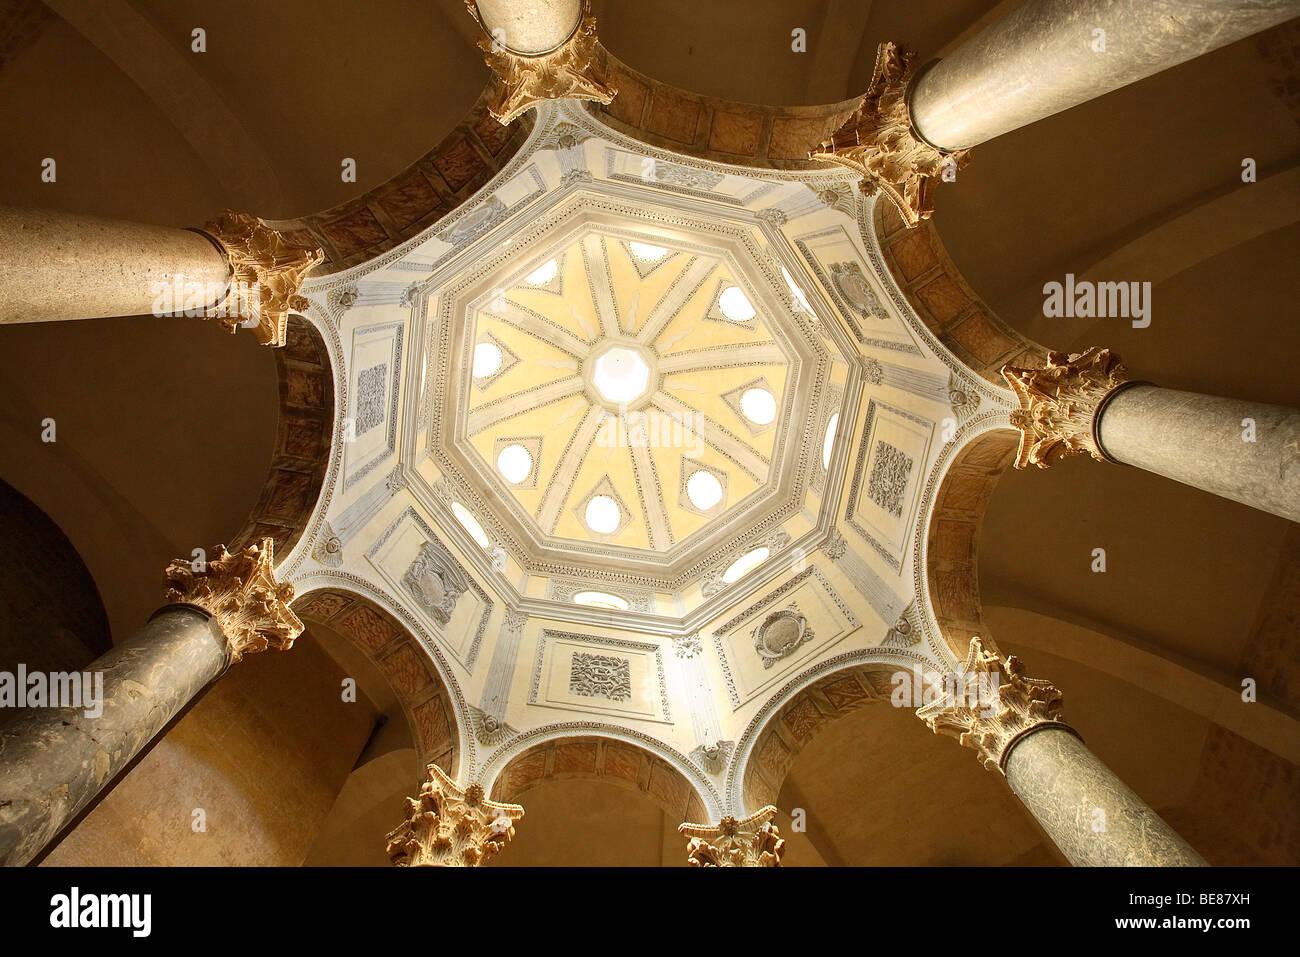 SAINT-SAUVEUR CATHEDRAL, AIX EN PROVENCE - Stock Image